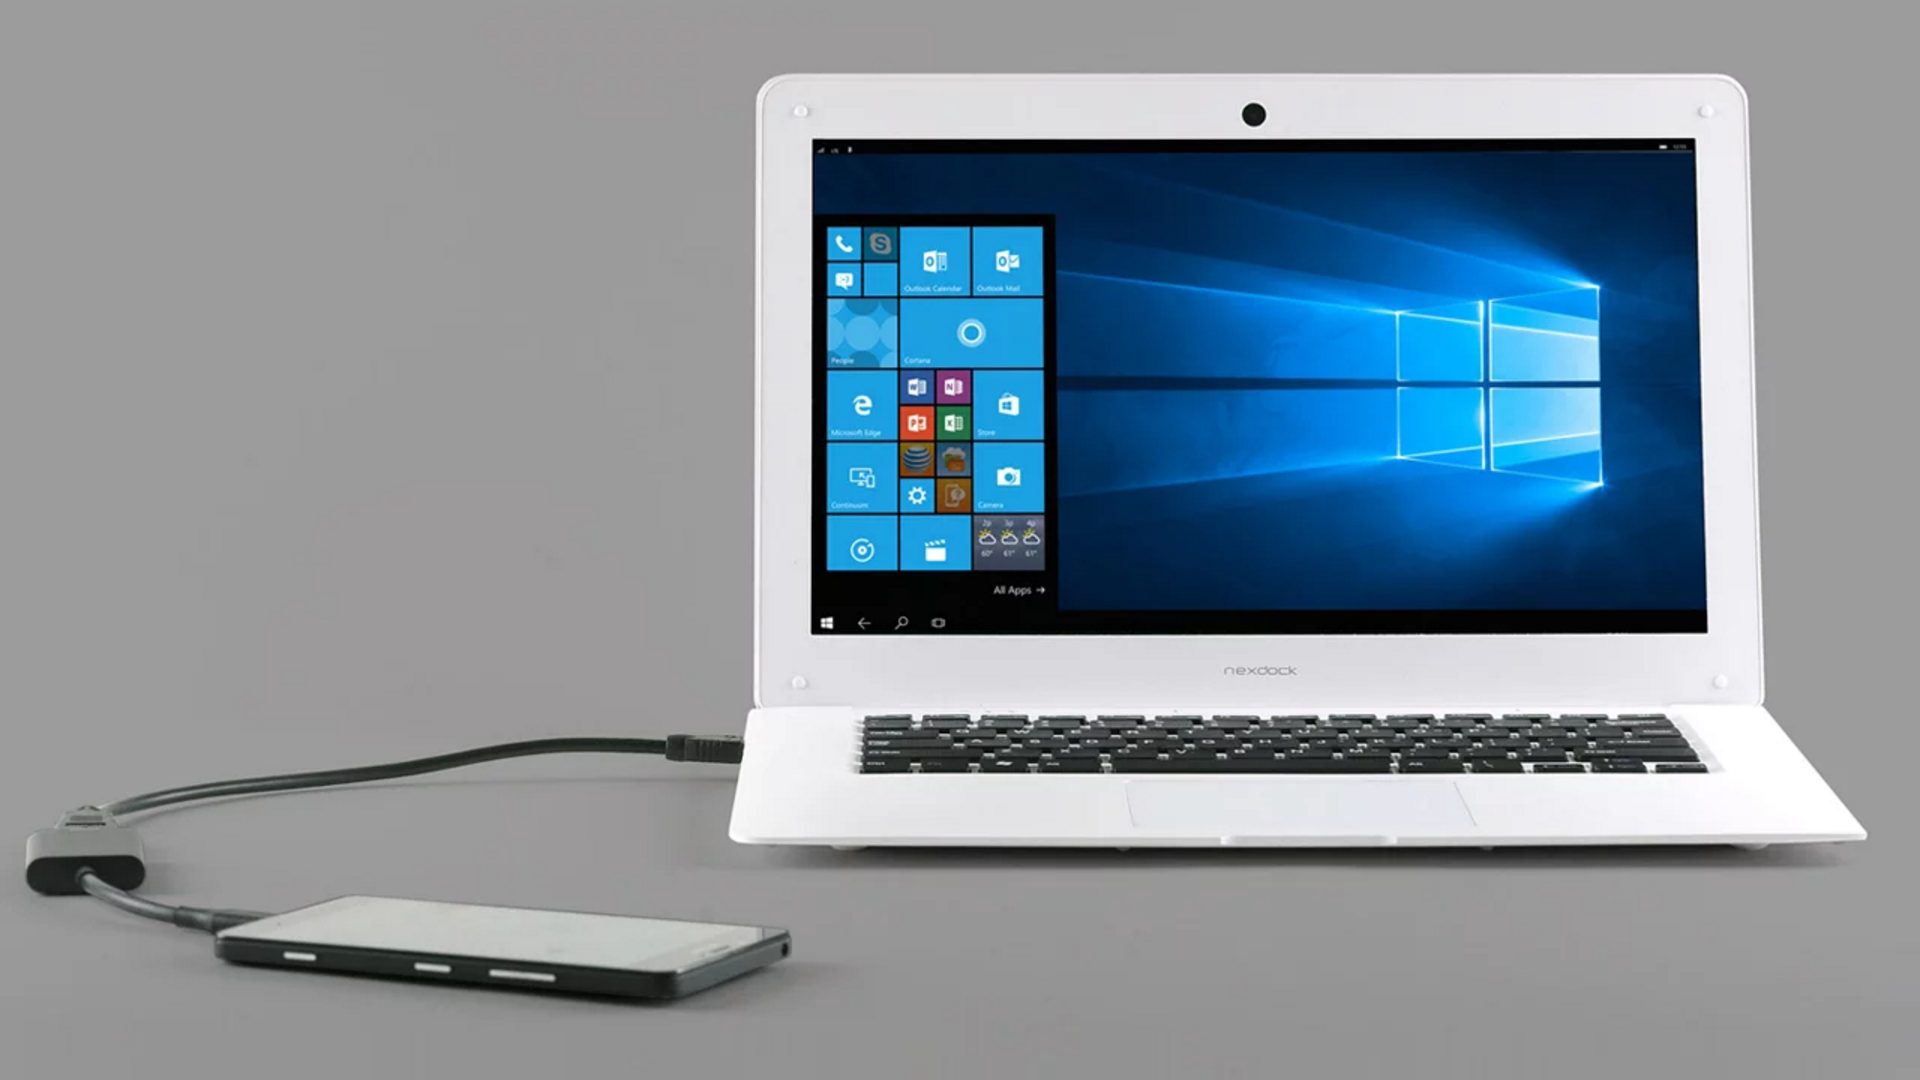 NexDock-Windows-10-Mobile-Continuum